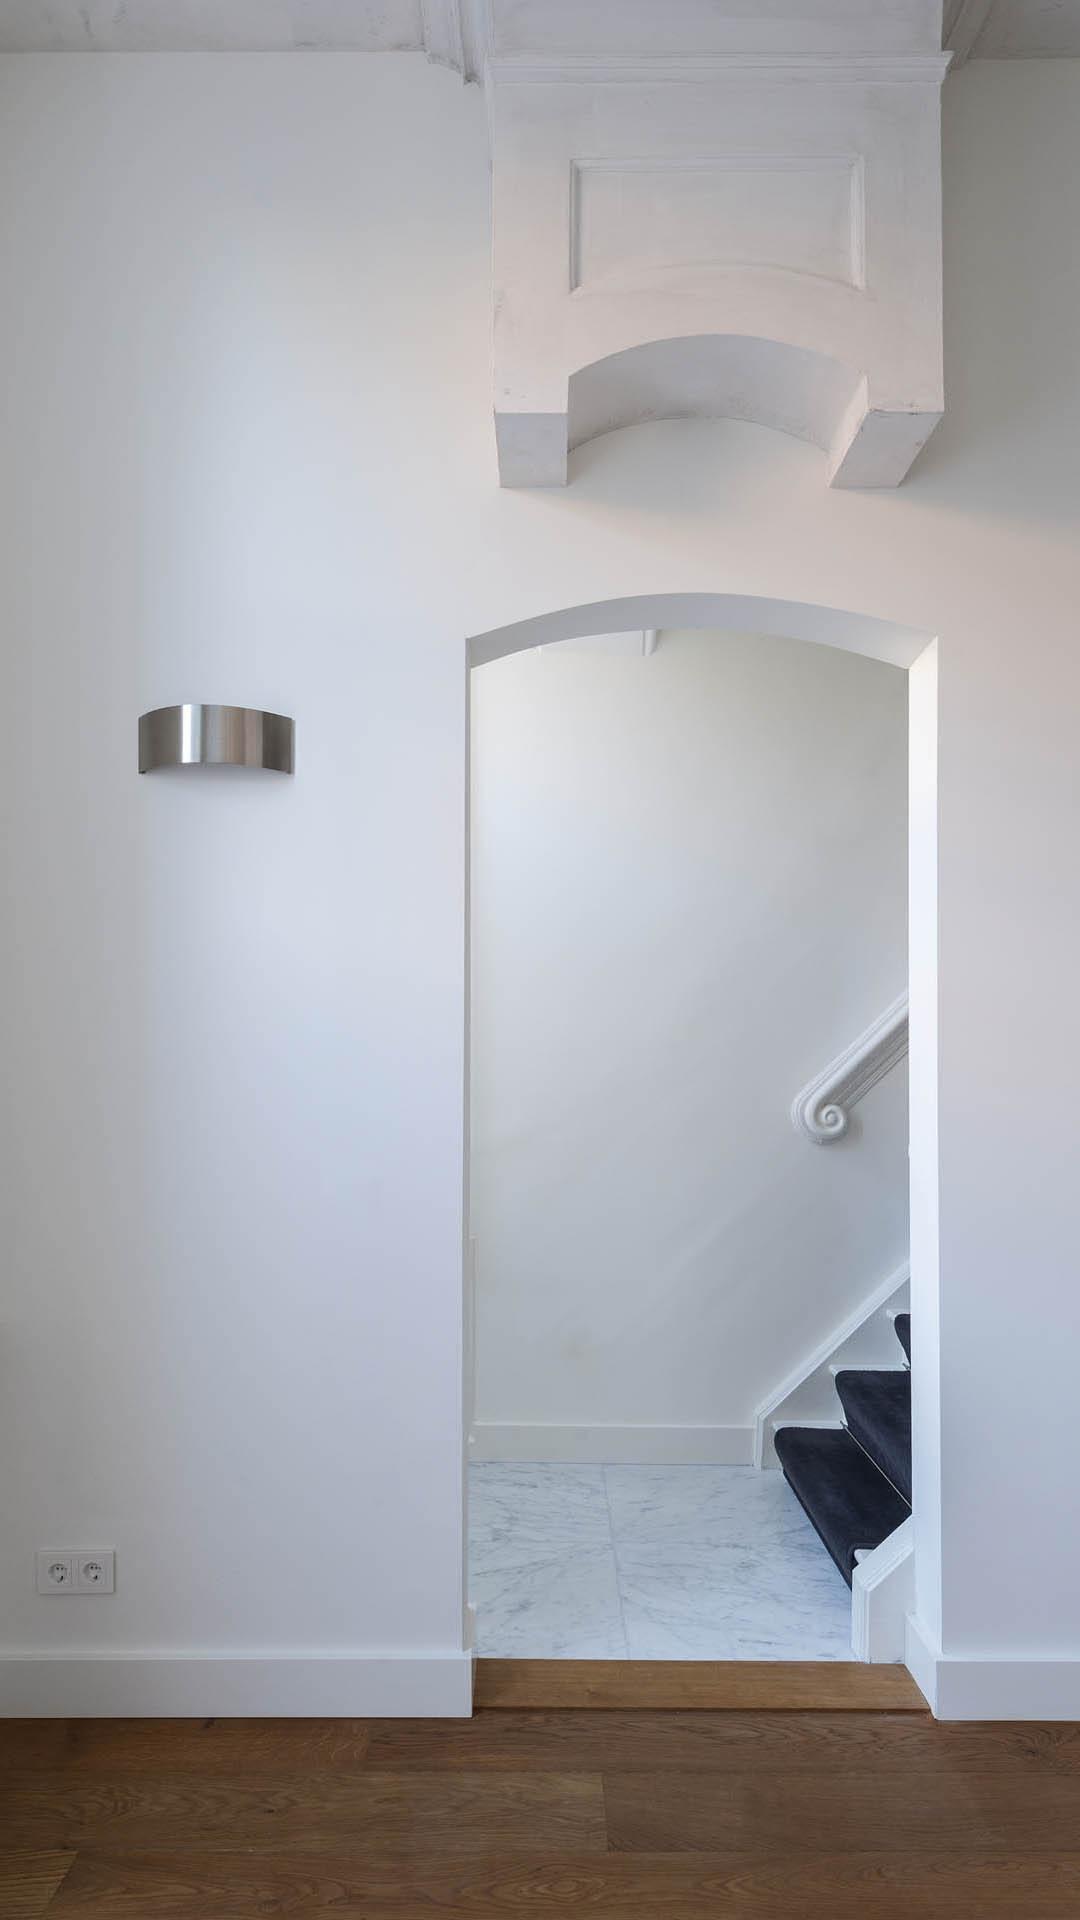 Architectuur delft koornmarkt renovatie interieur 20 studio d11 - Architectuur renovatie ...